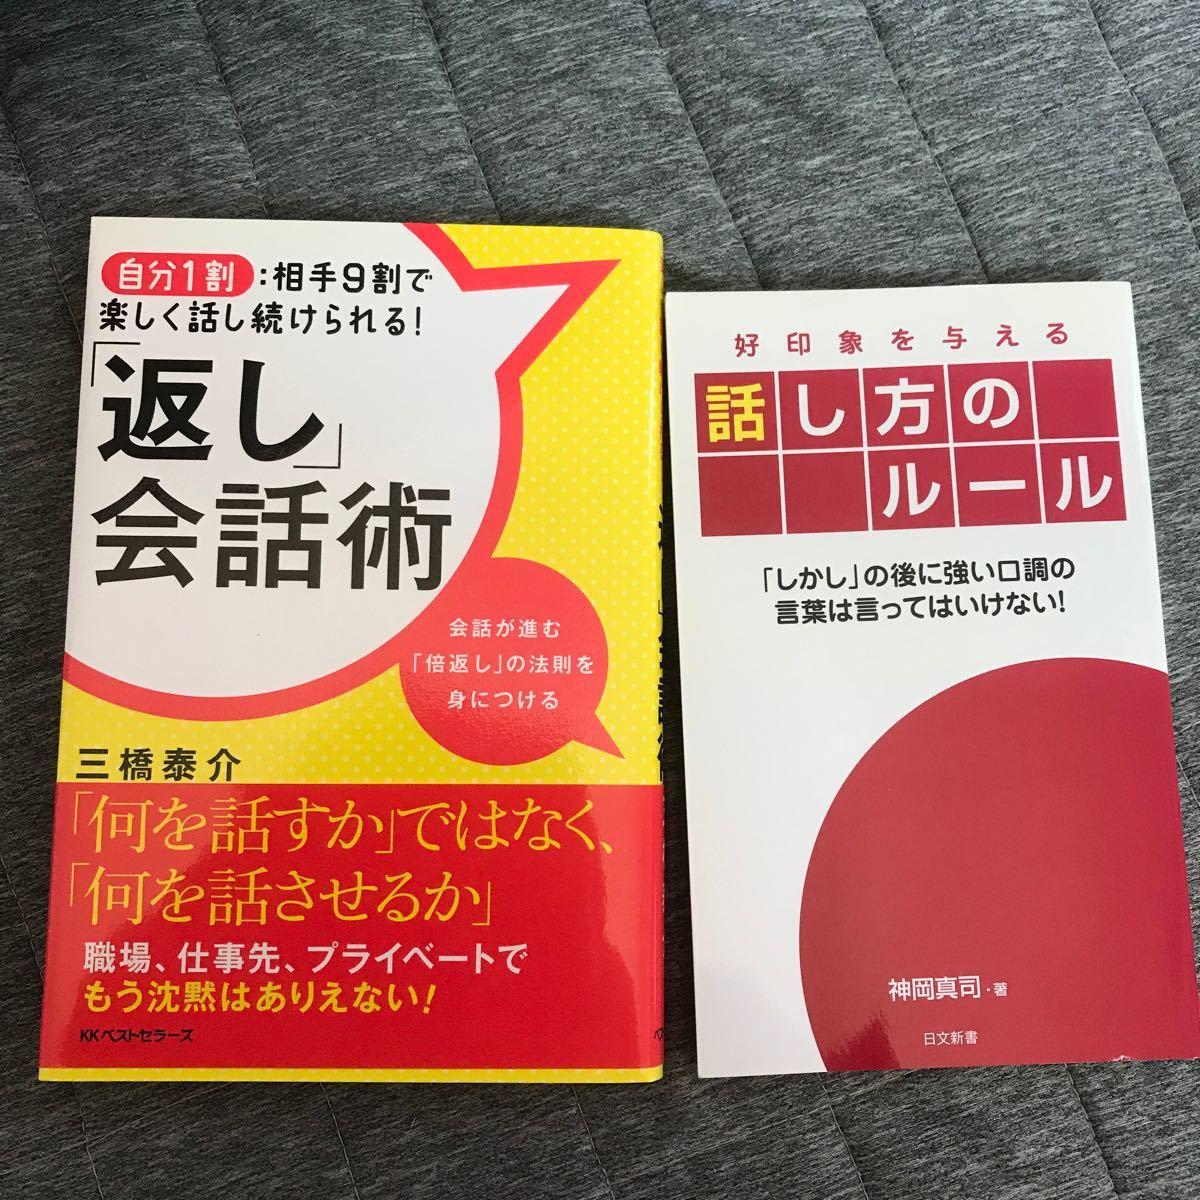 話し方の本 2冊セット 返し会話術 話し方のルール